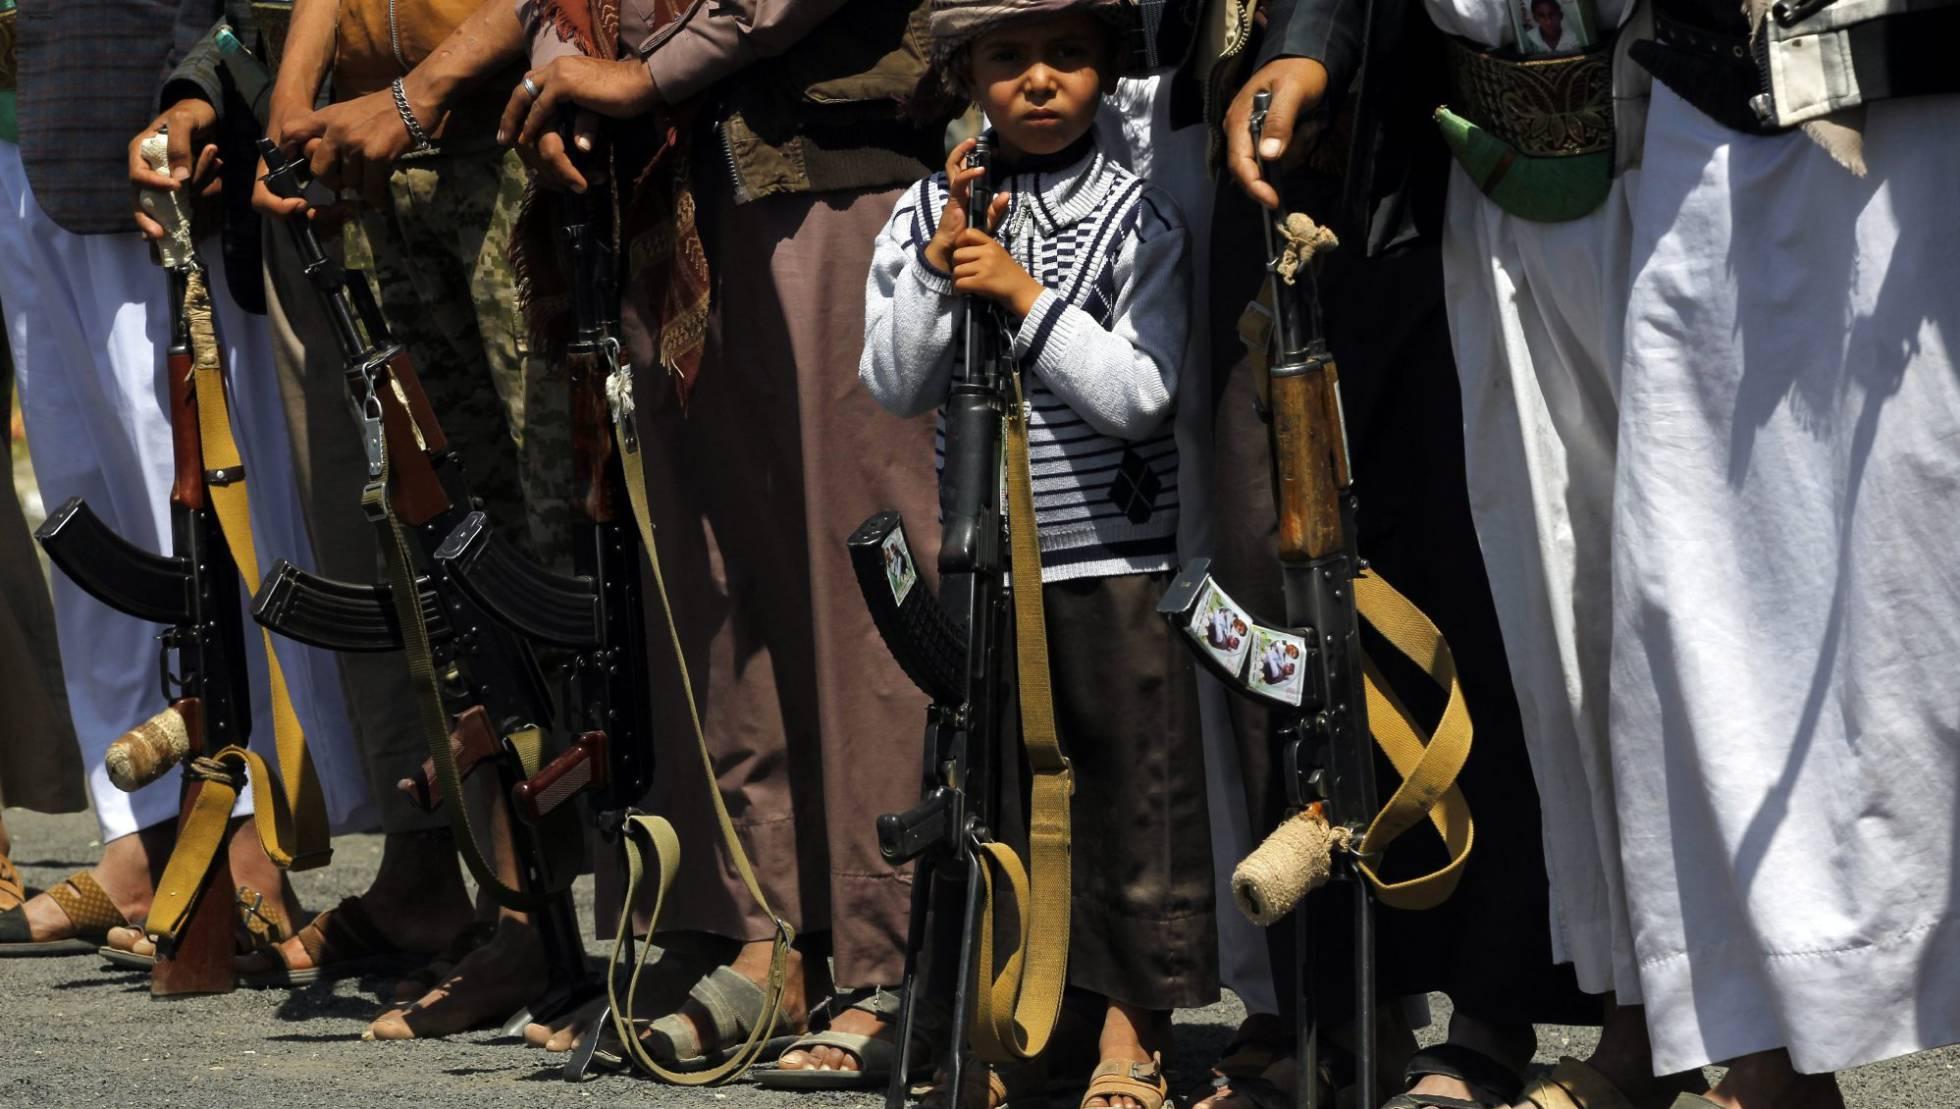 Conflicto en Yemen - Página 7 1475469705_201463_1475493342_noticia_normal_recorte1